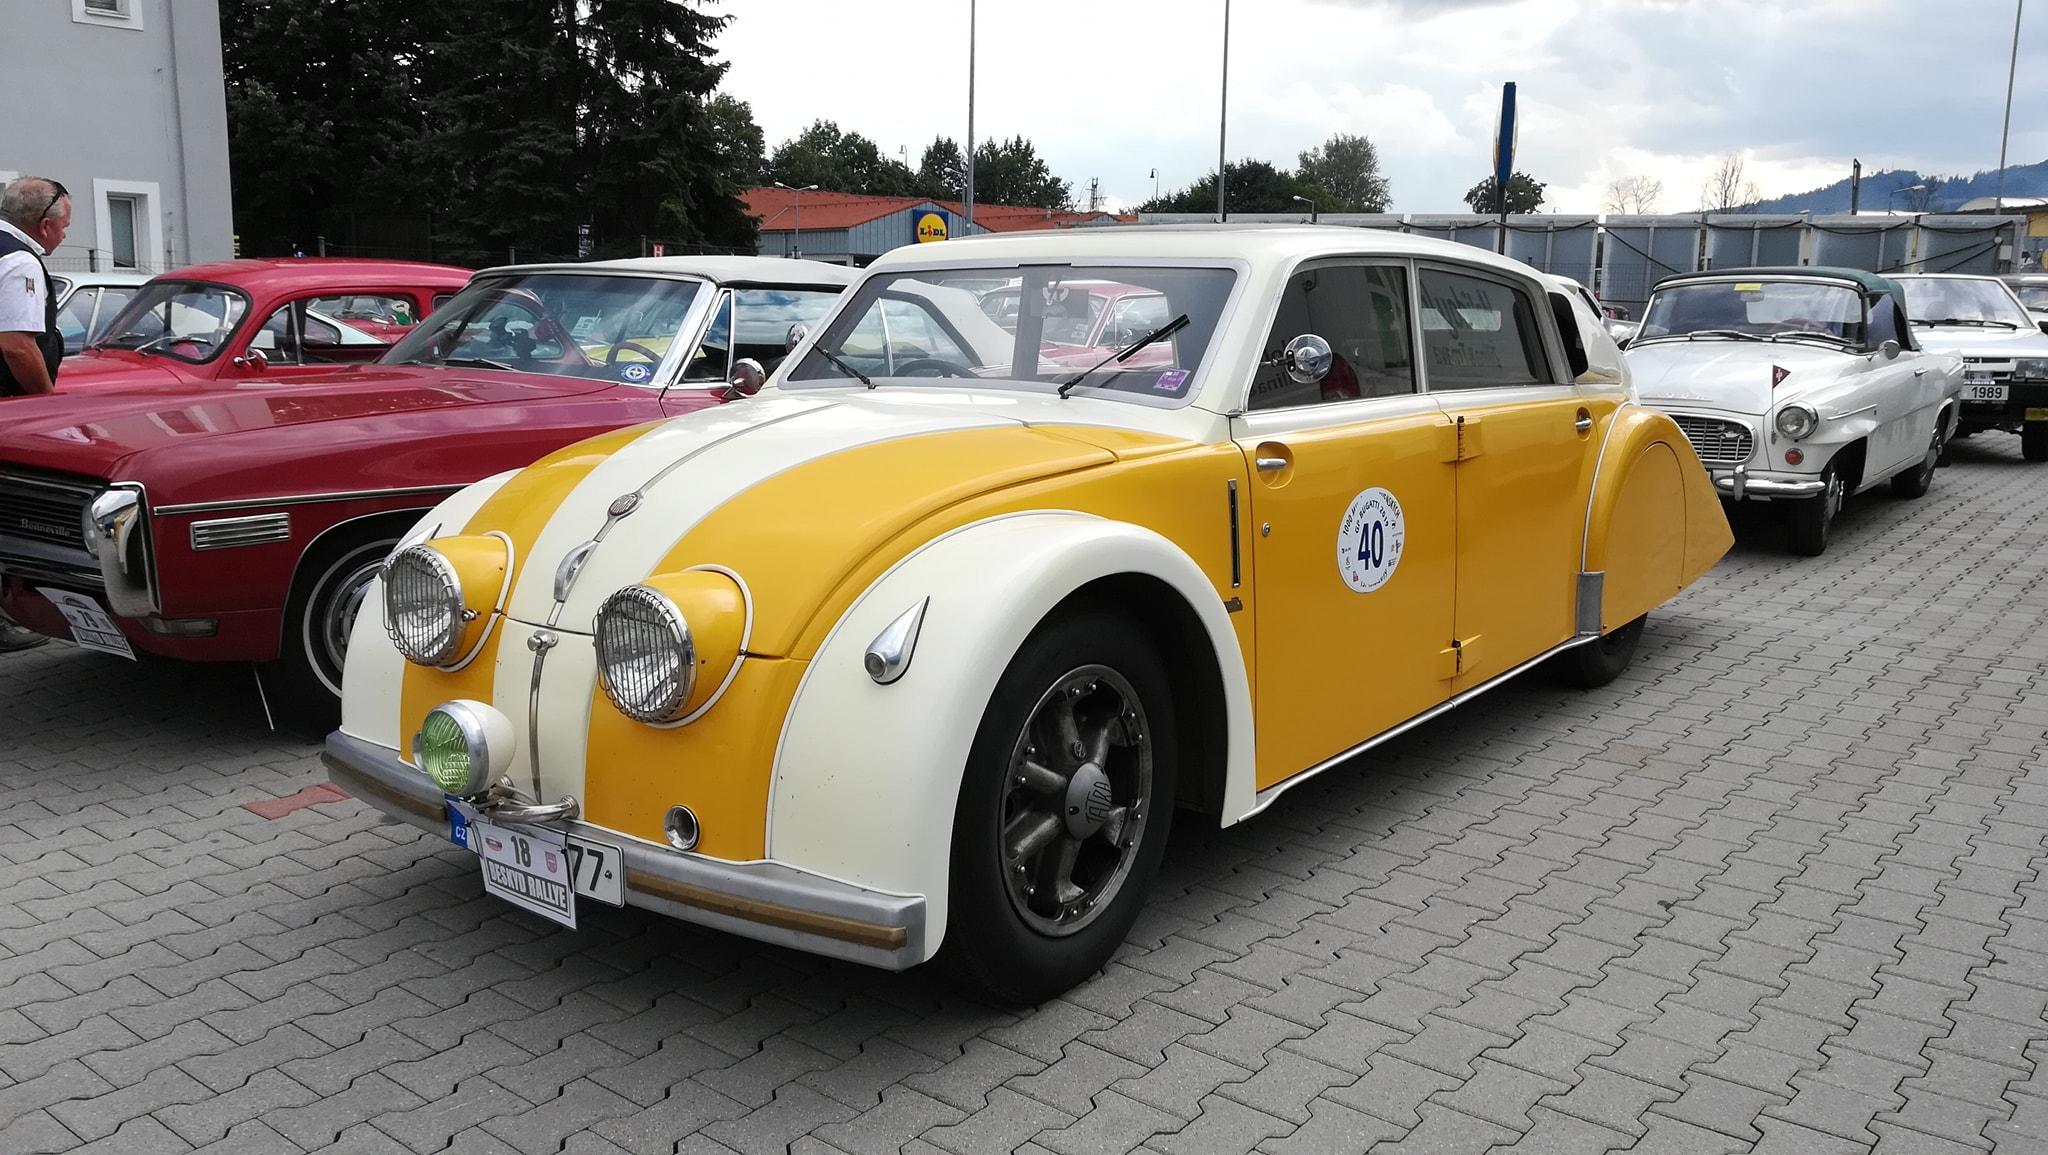 Tatra-77-1933-1934-klaar-gemaakt-voor-rally-1000-mij-in-CZ--(7)